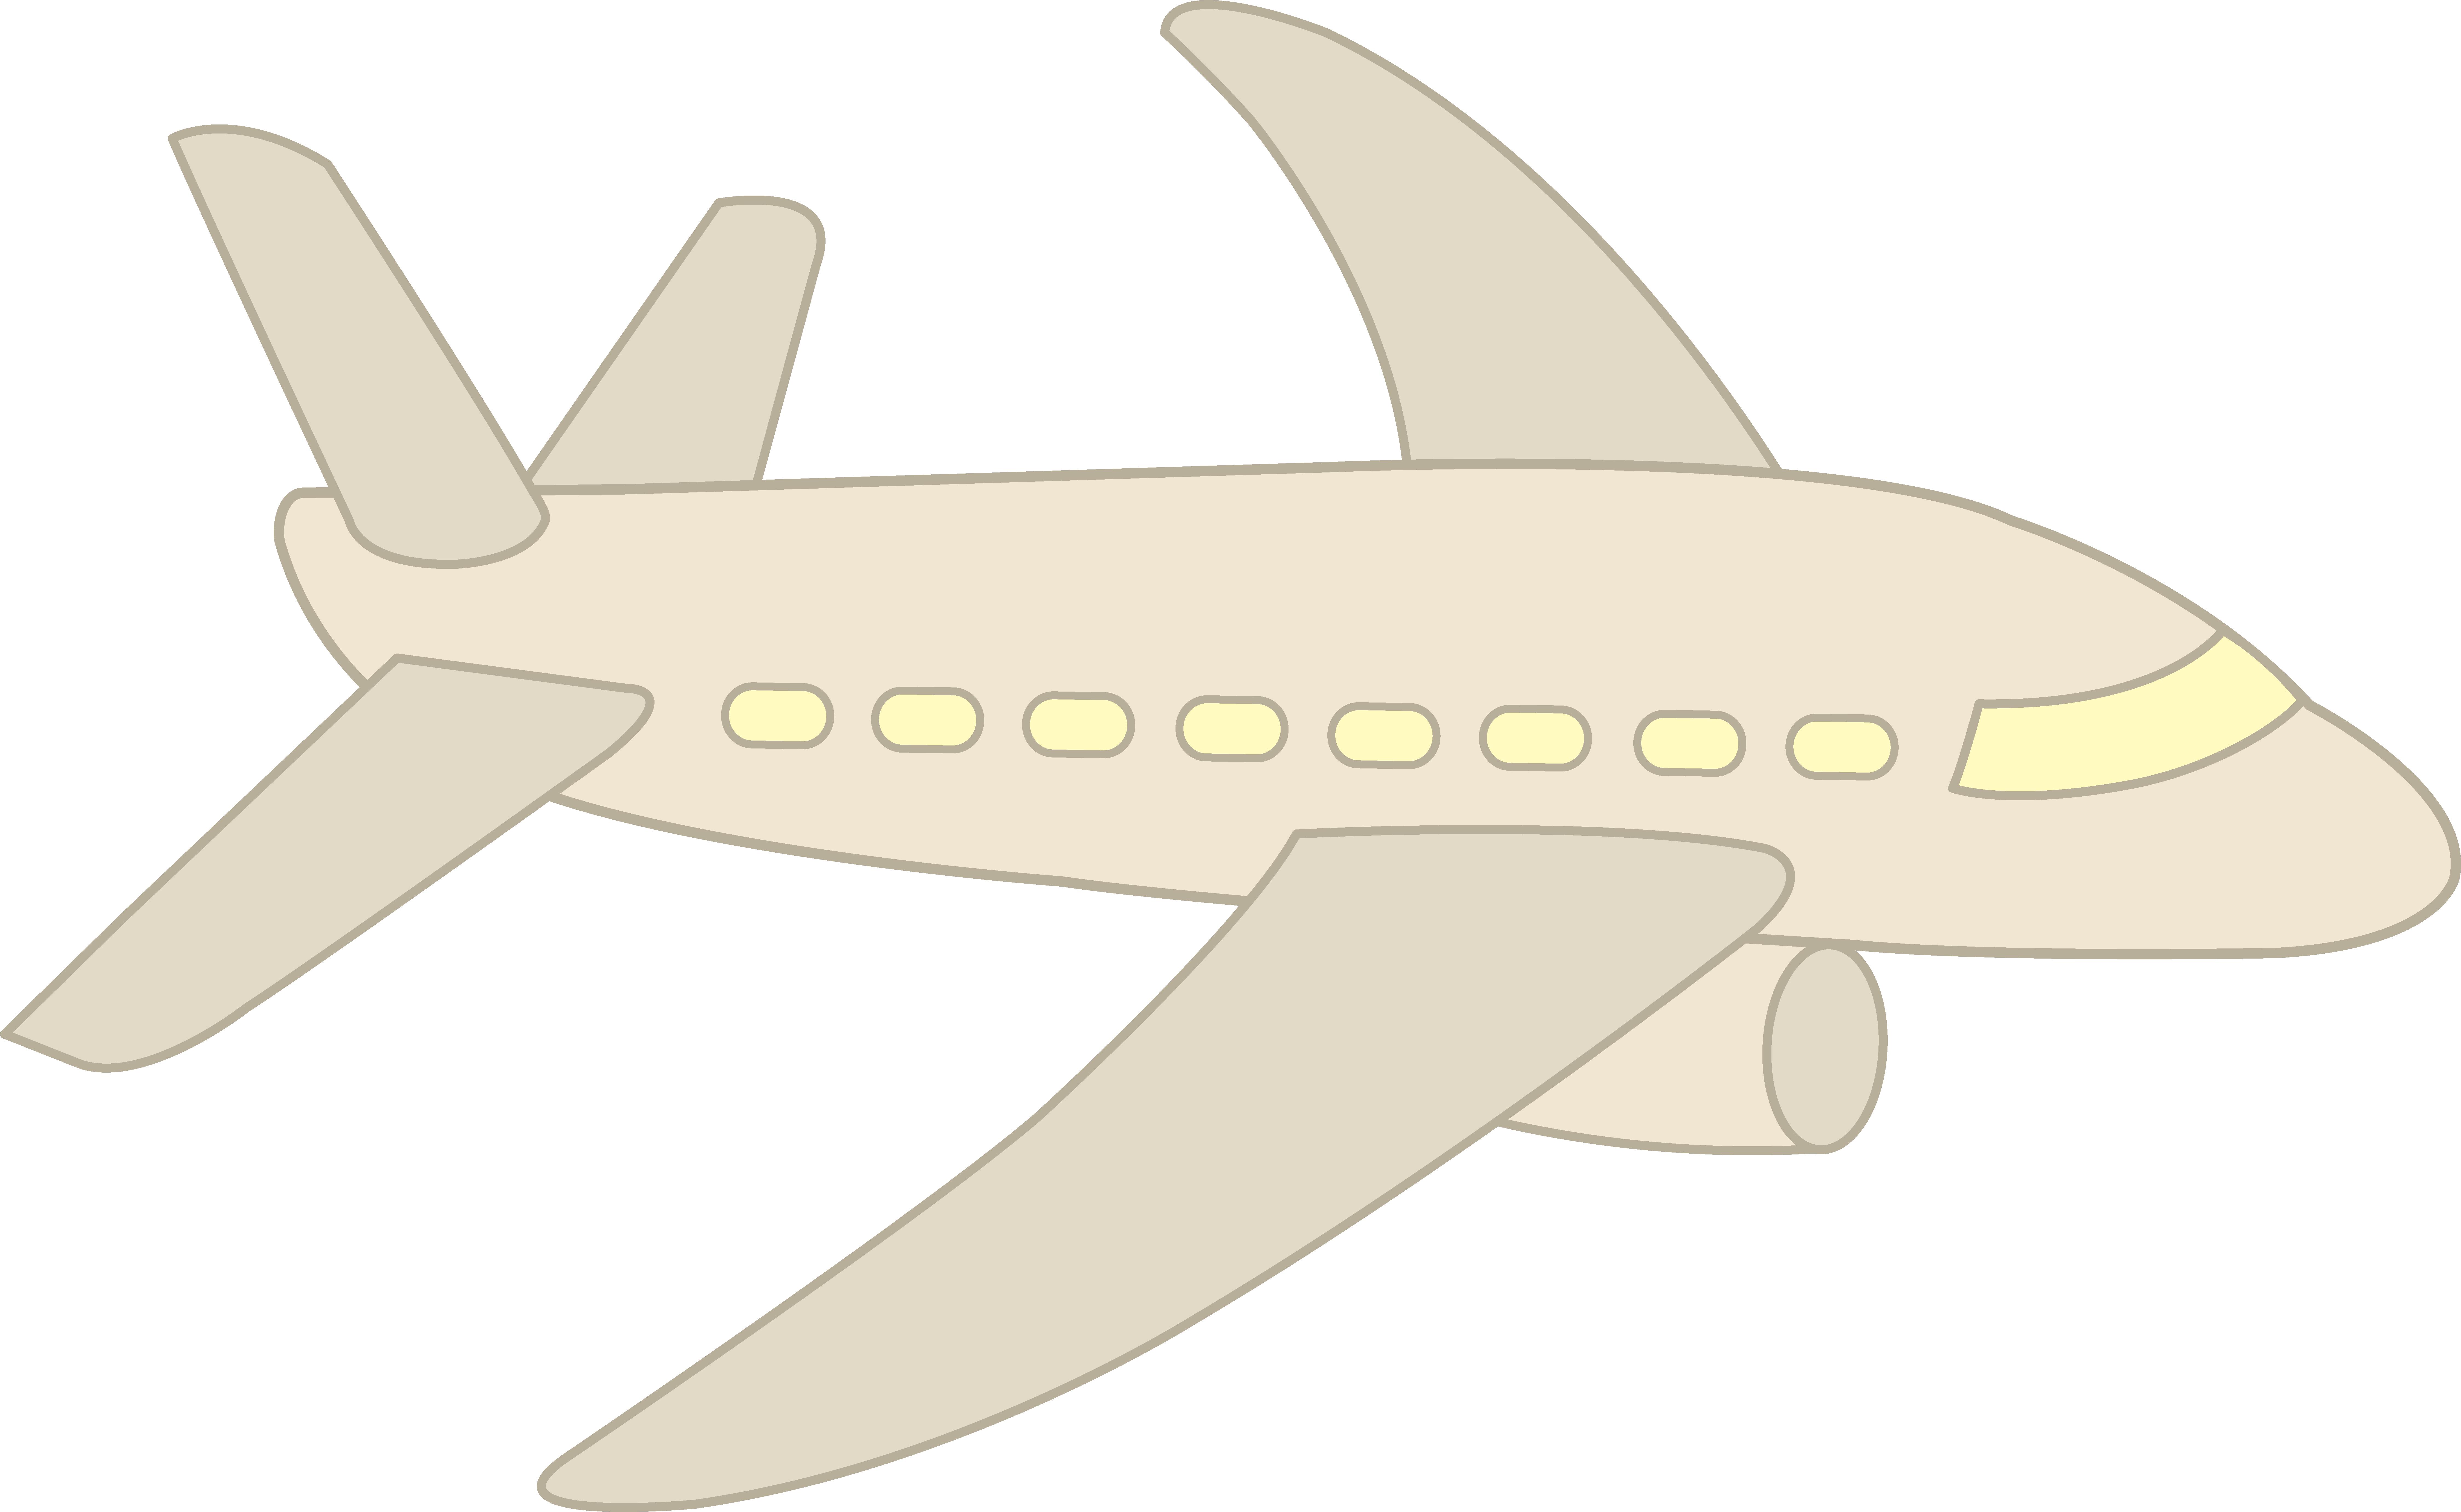 Simple Plane Clipart.